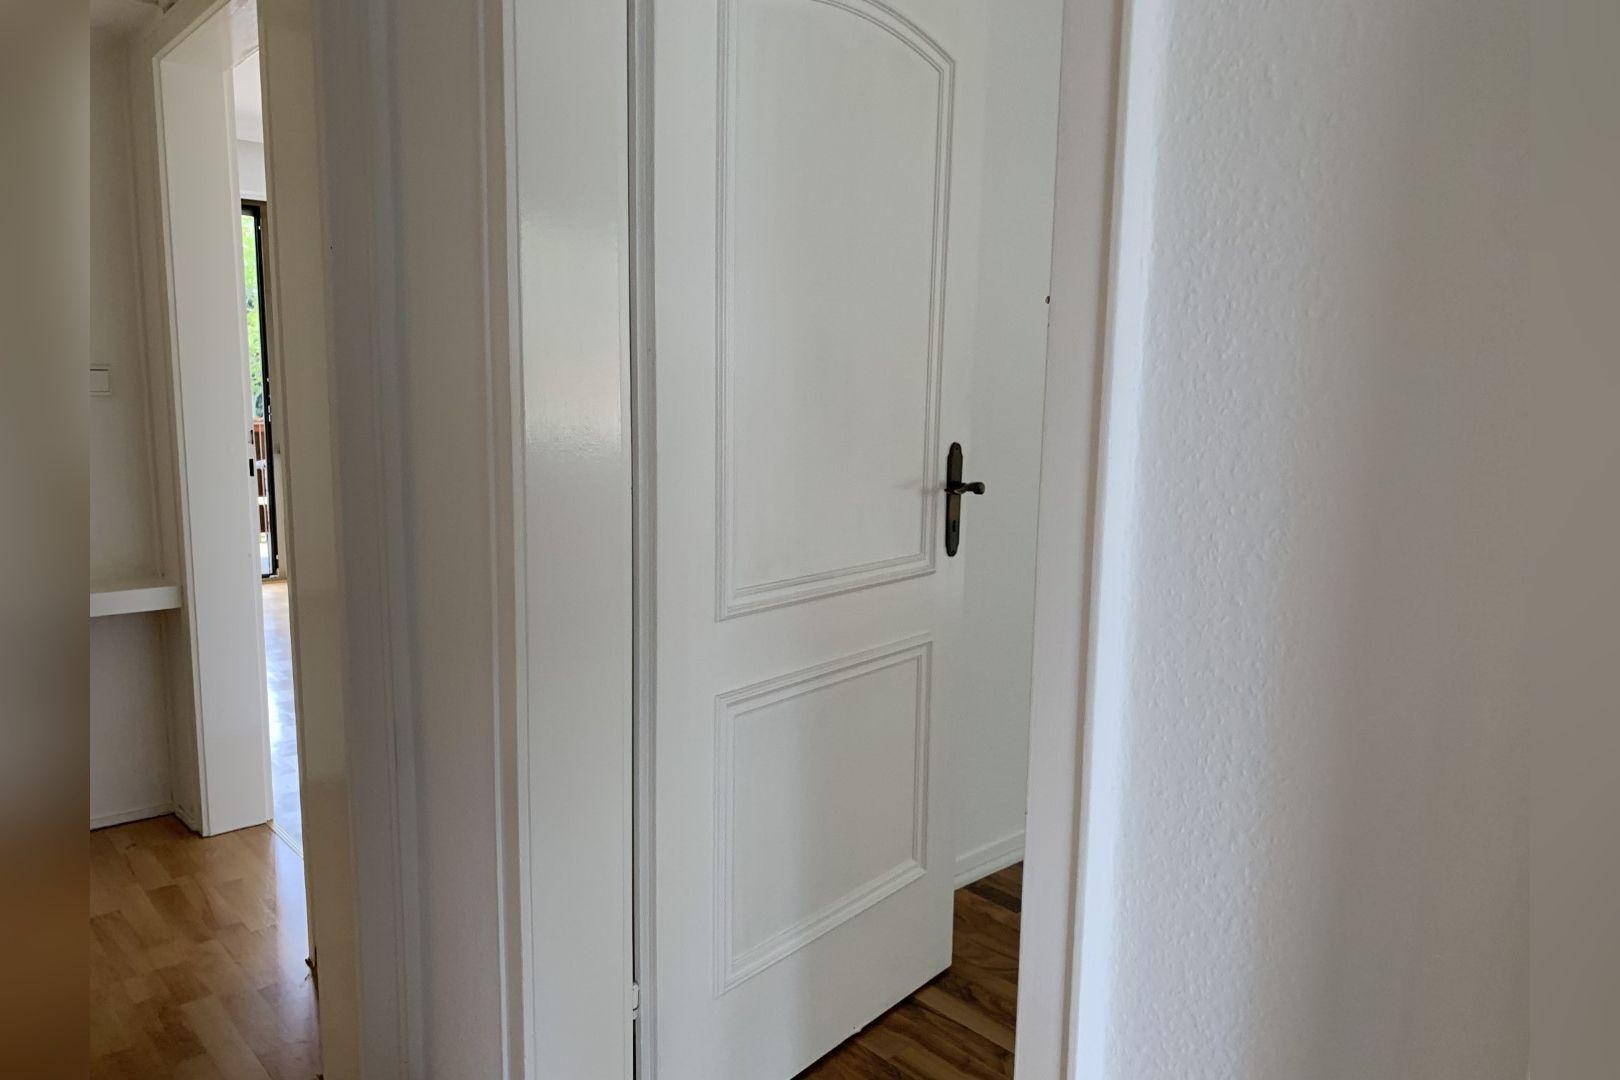 Immobilie Nr.0286 - 2,5 Zimmer Wohnung mit großem Balkon. - Bild 3.jpg